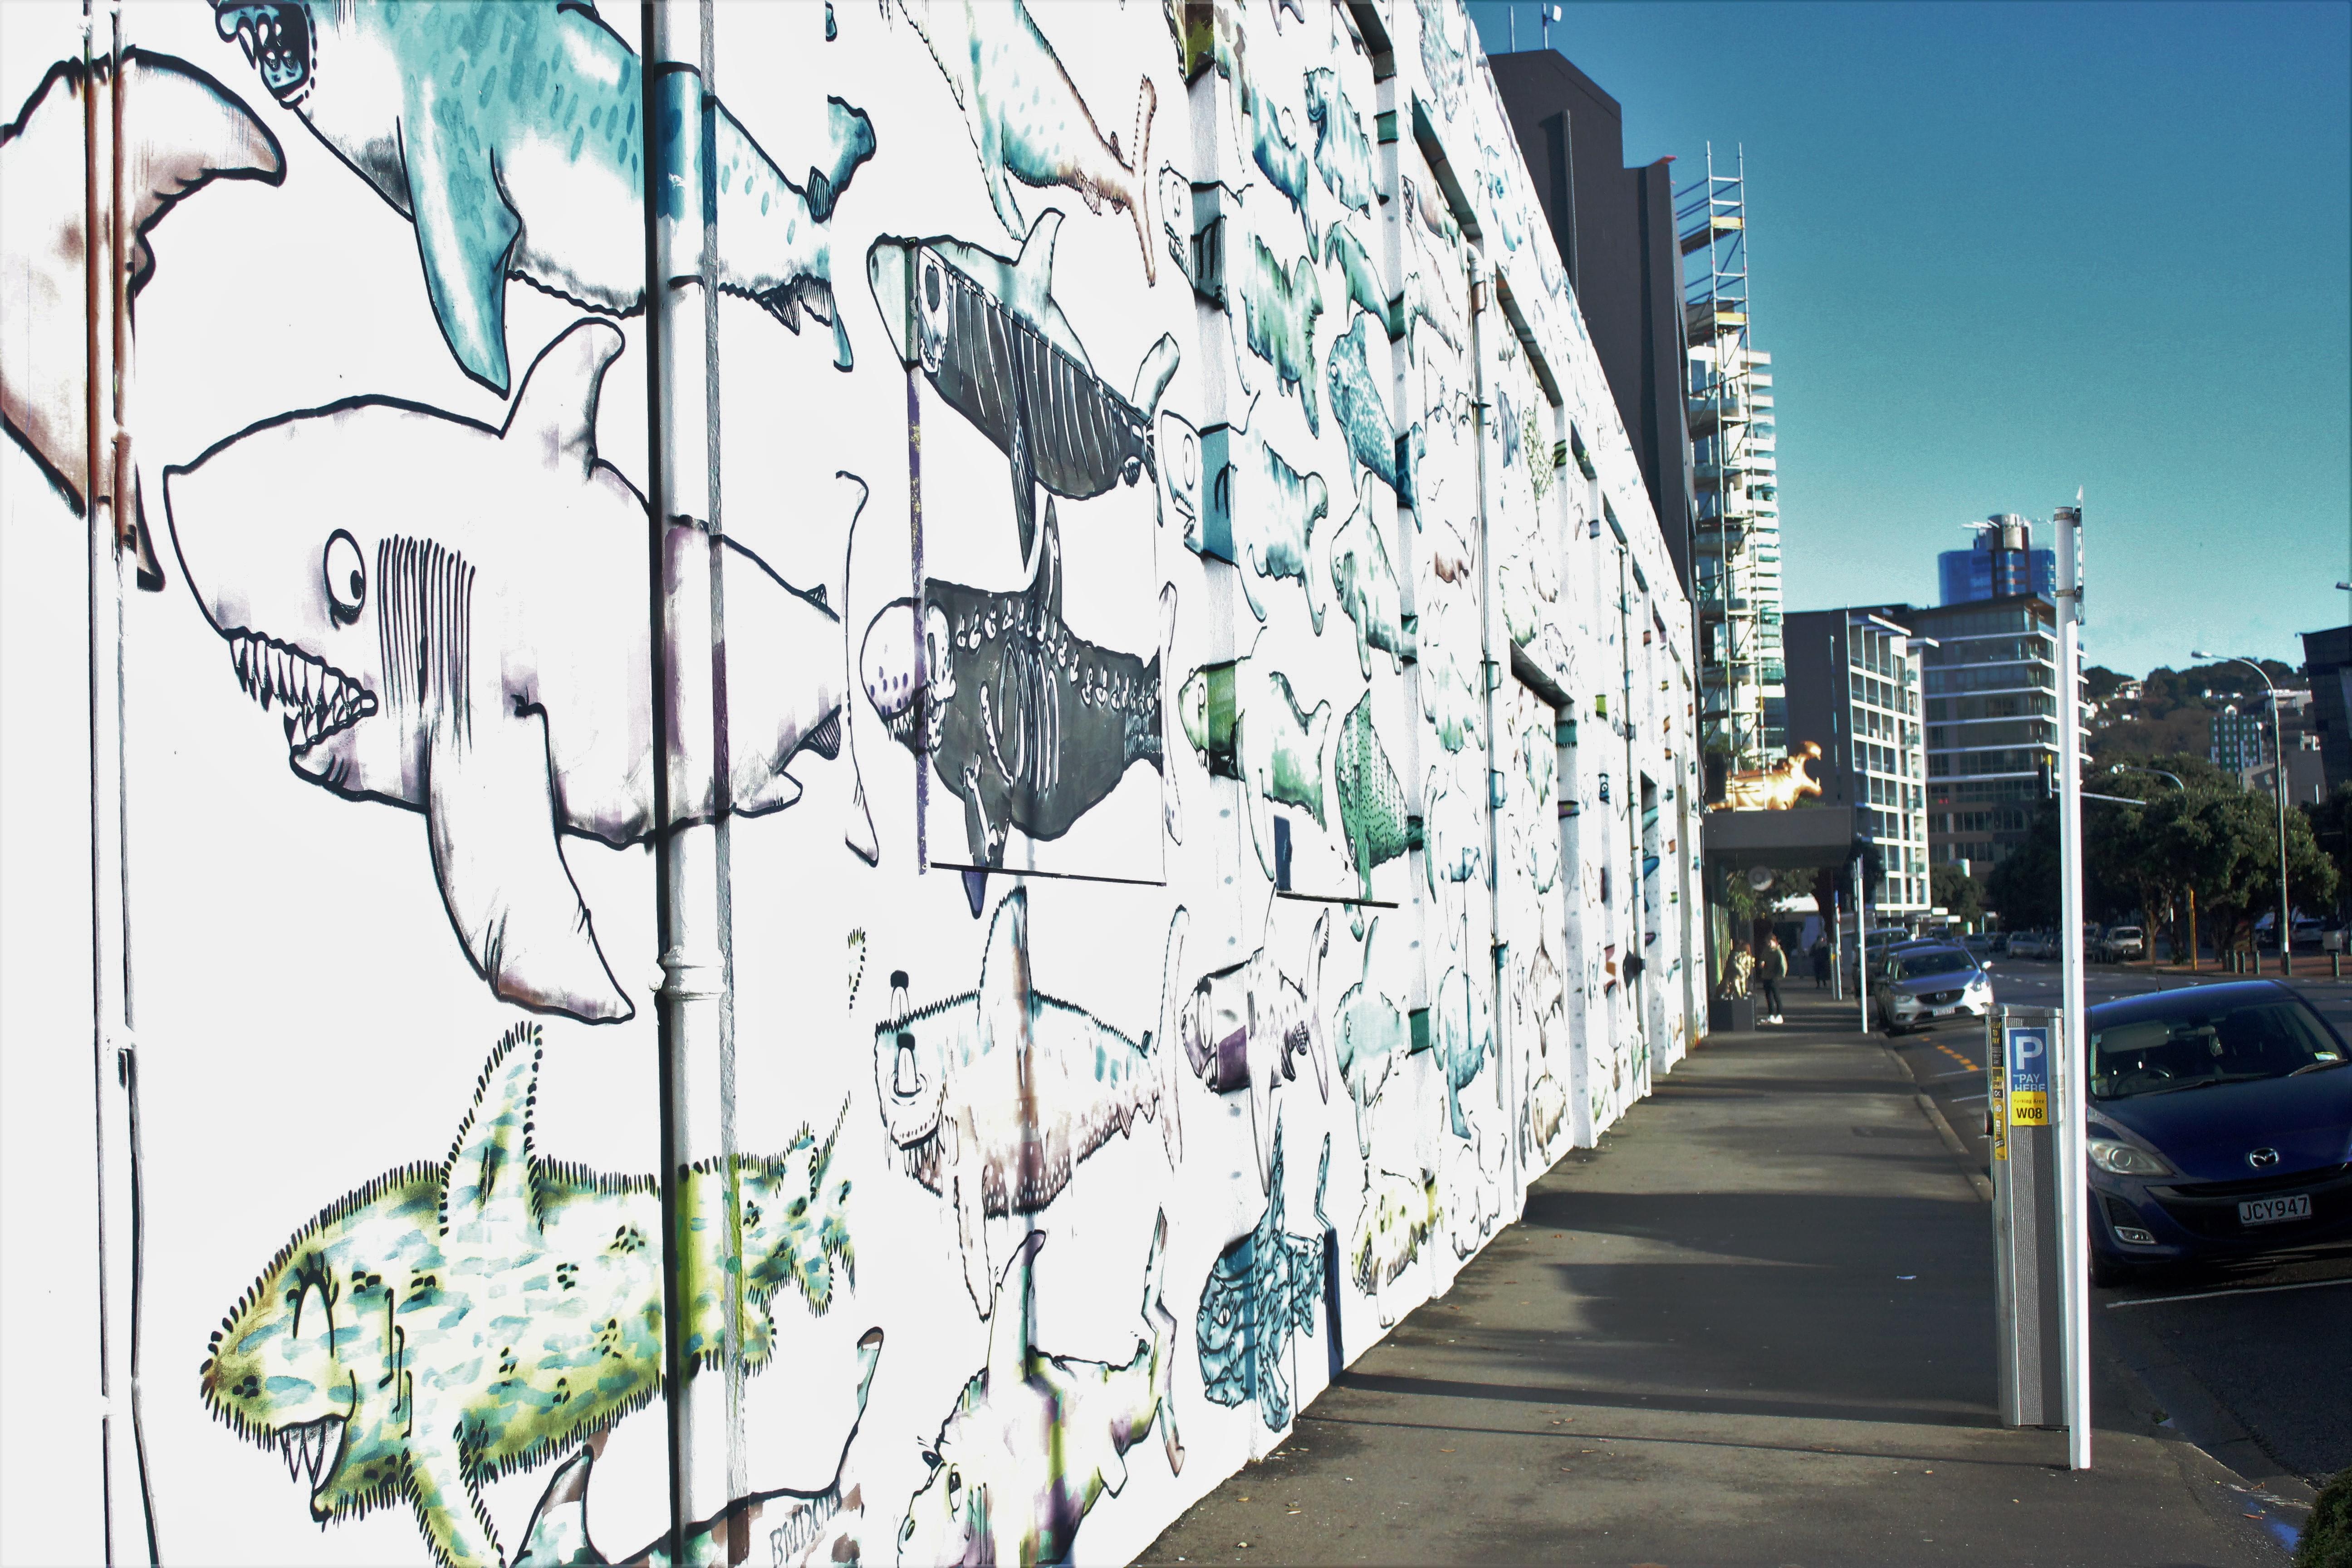 Shark Wall